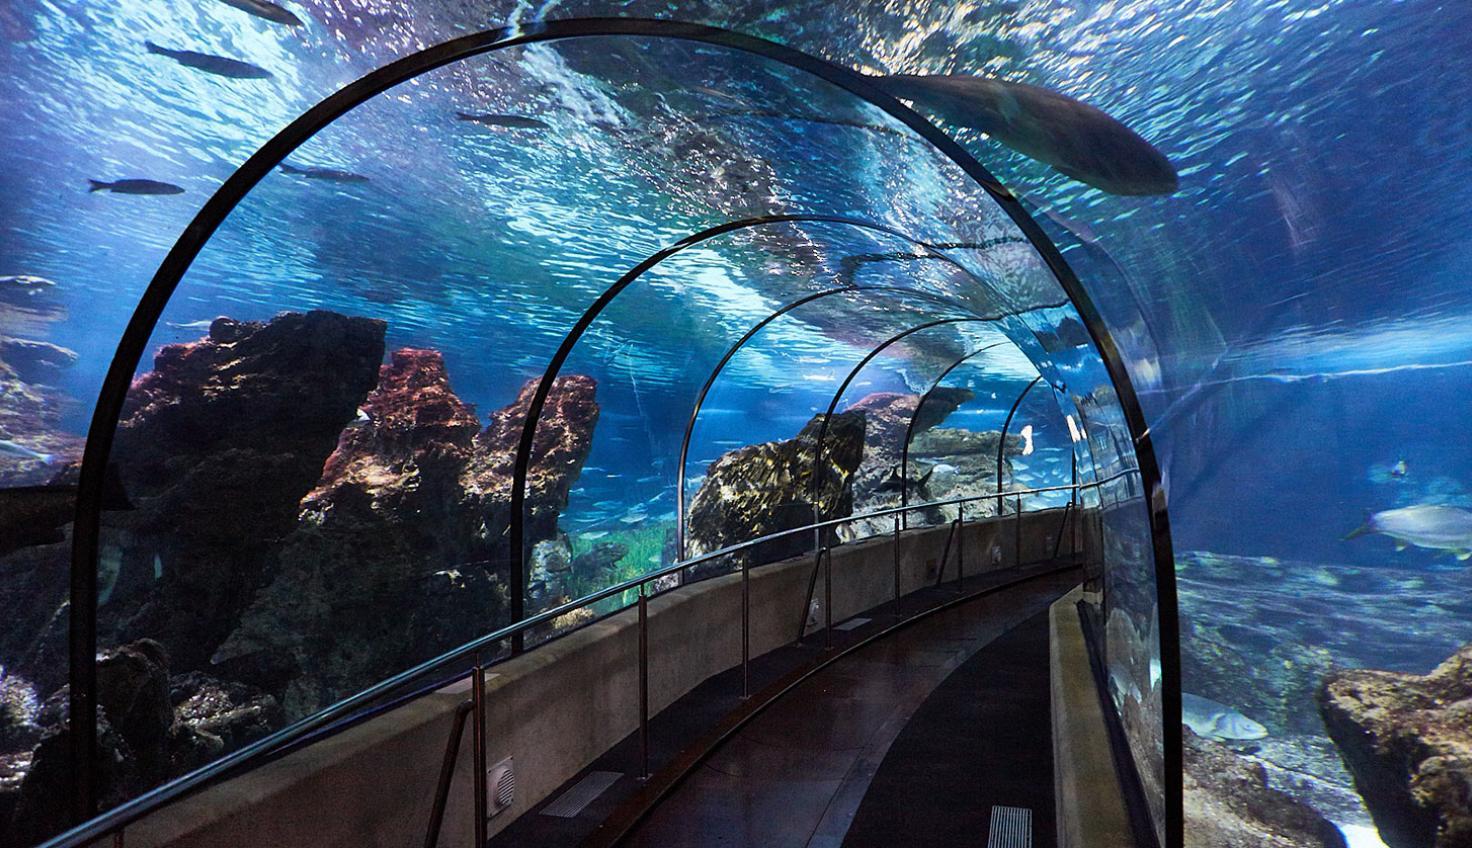 Photo L'aquarium de Barcelona